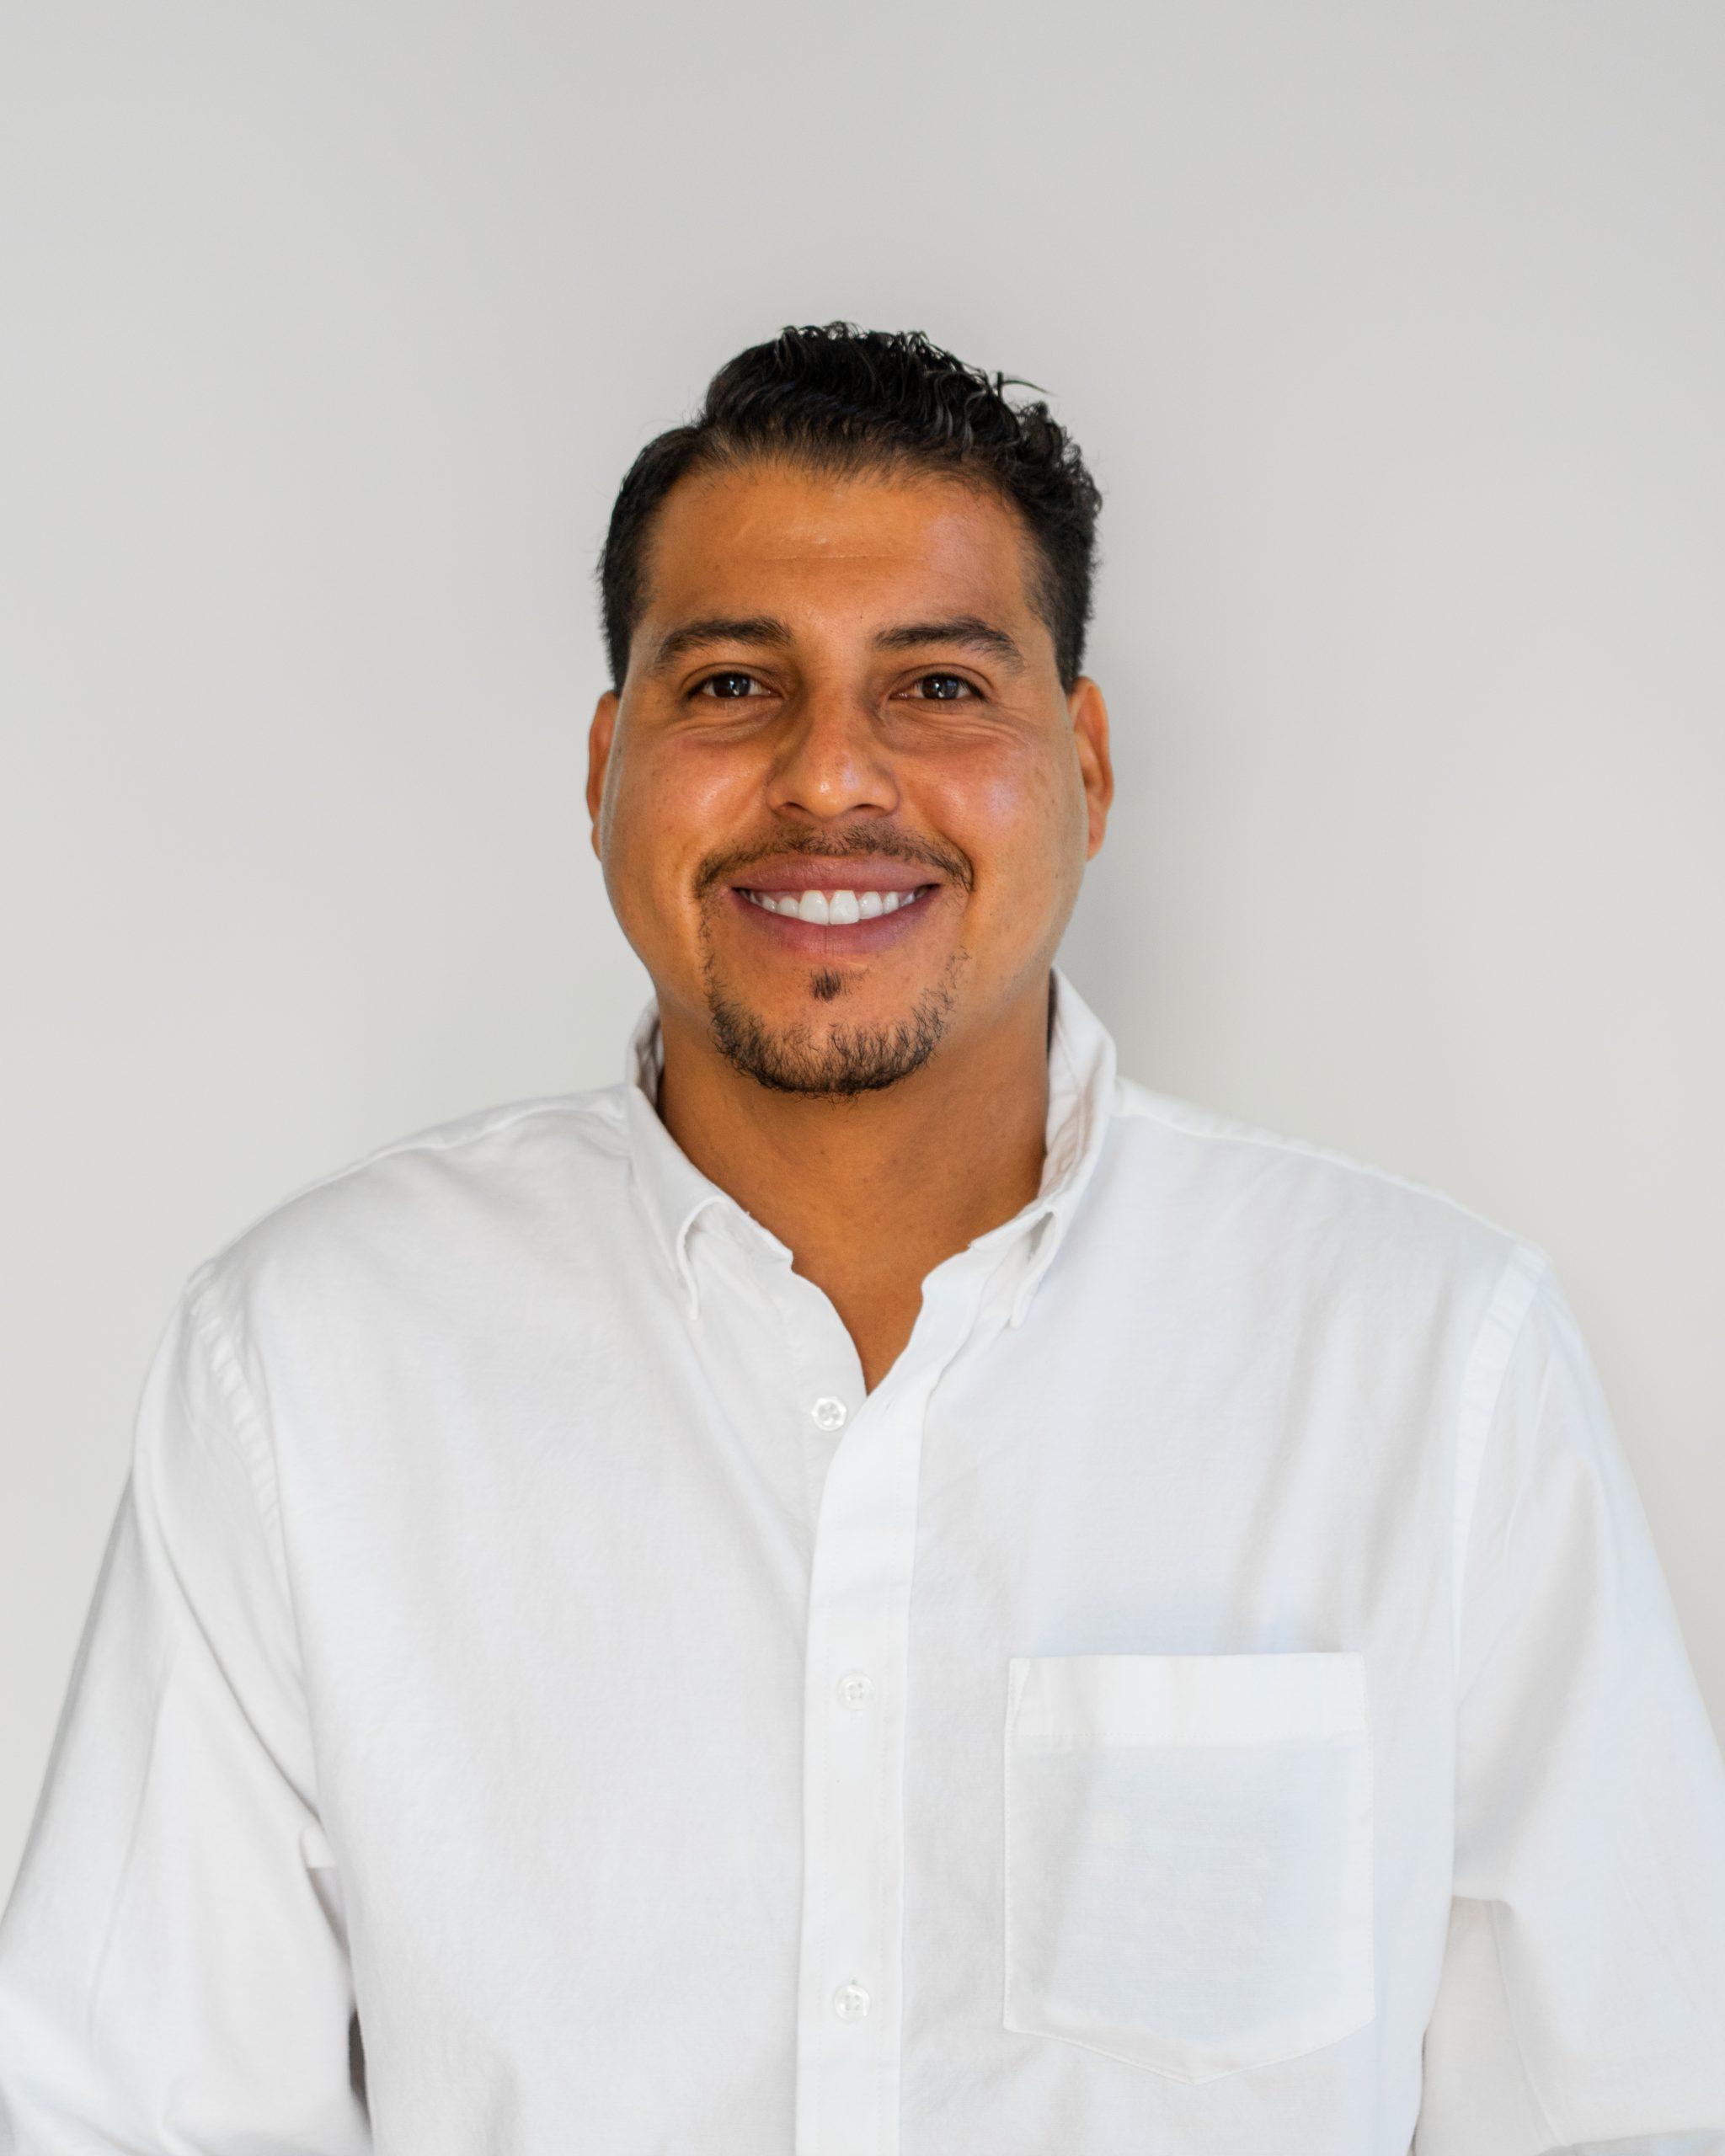 Ernesto Rojas Castaneda